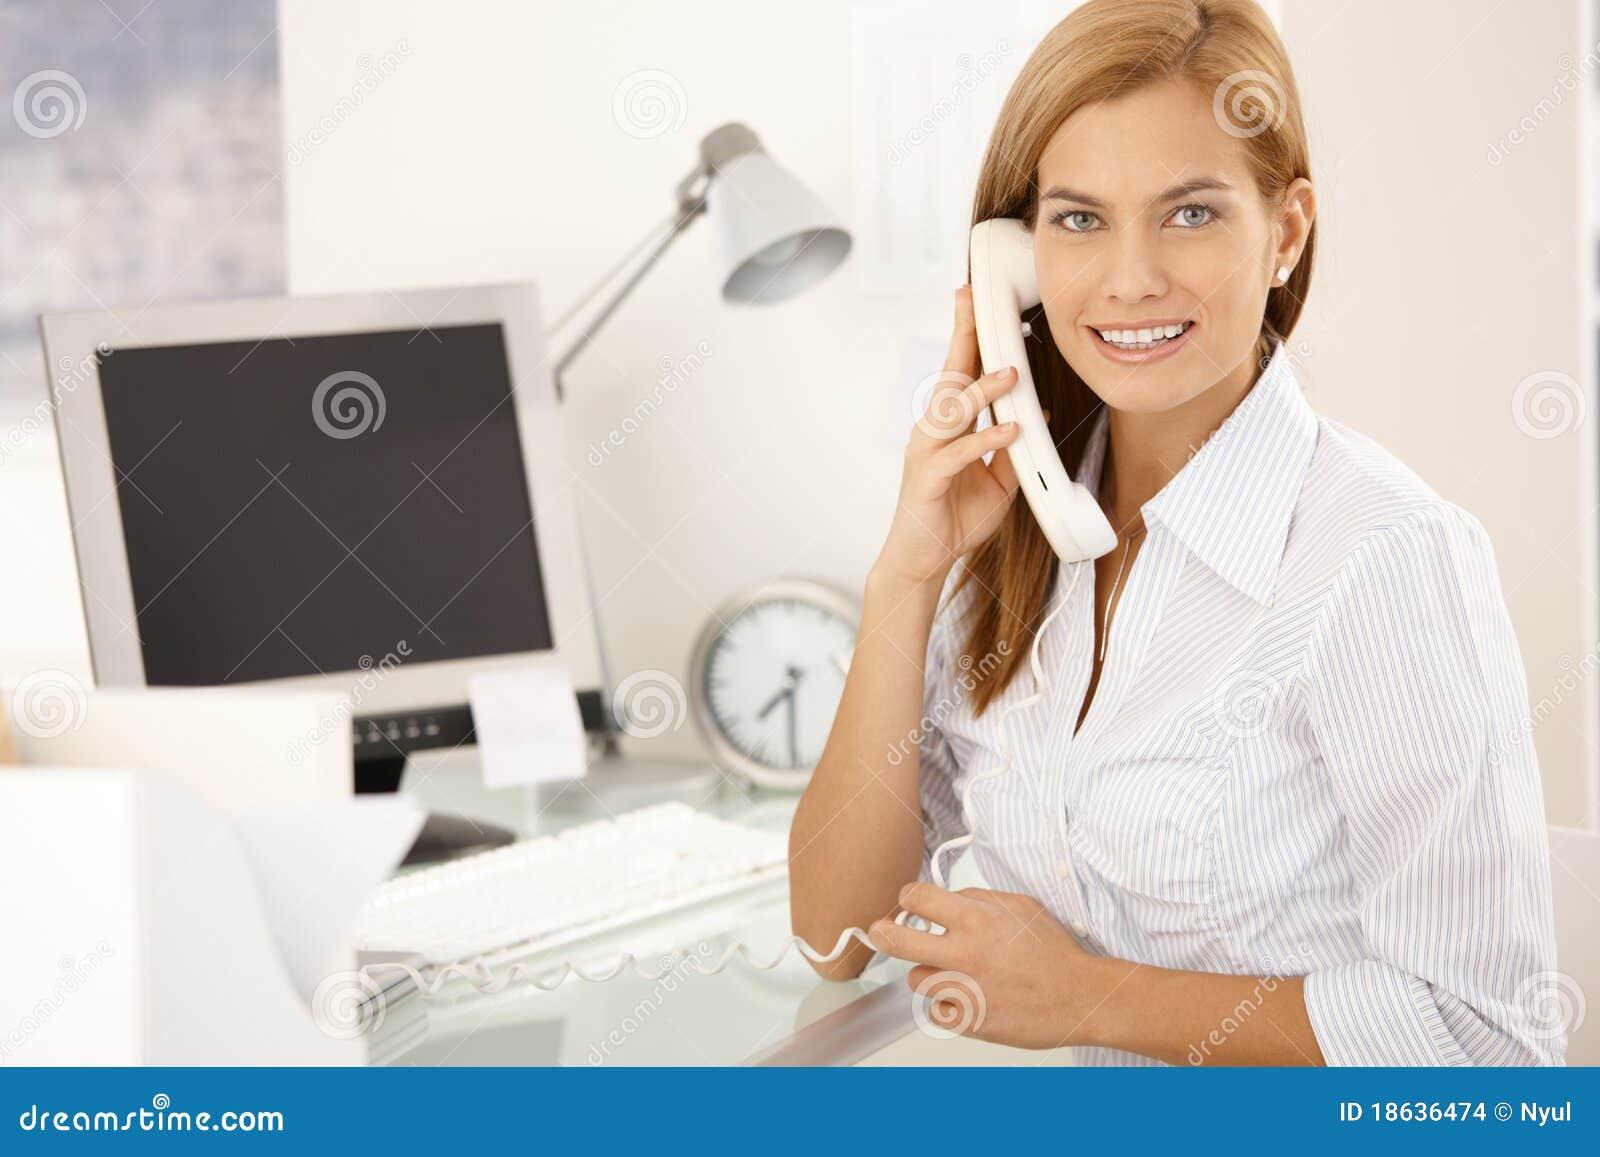 Muchacha de oficina feliz en llamada de tel fono de la for Telefono de oficinas